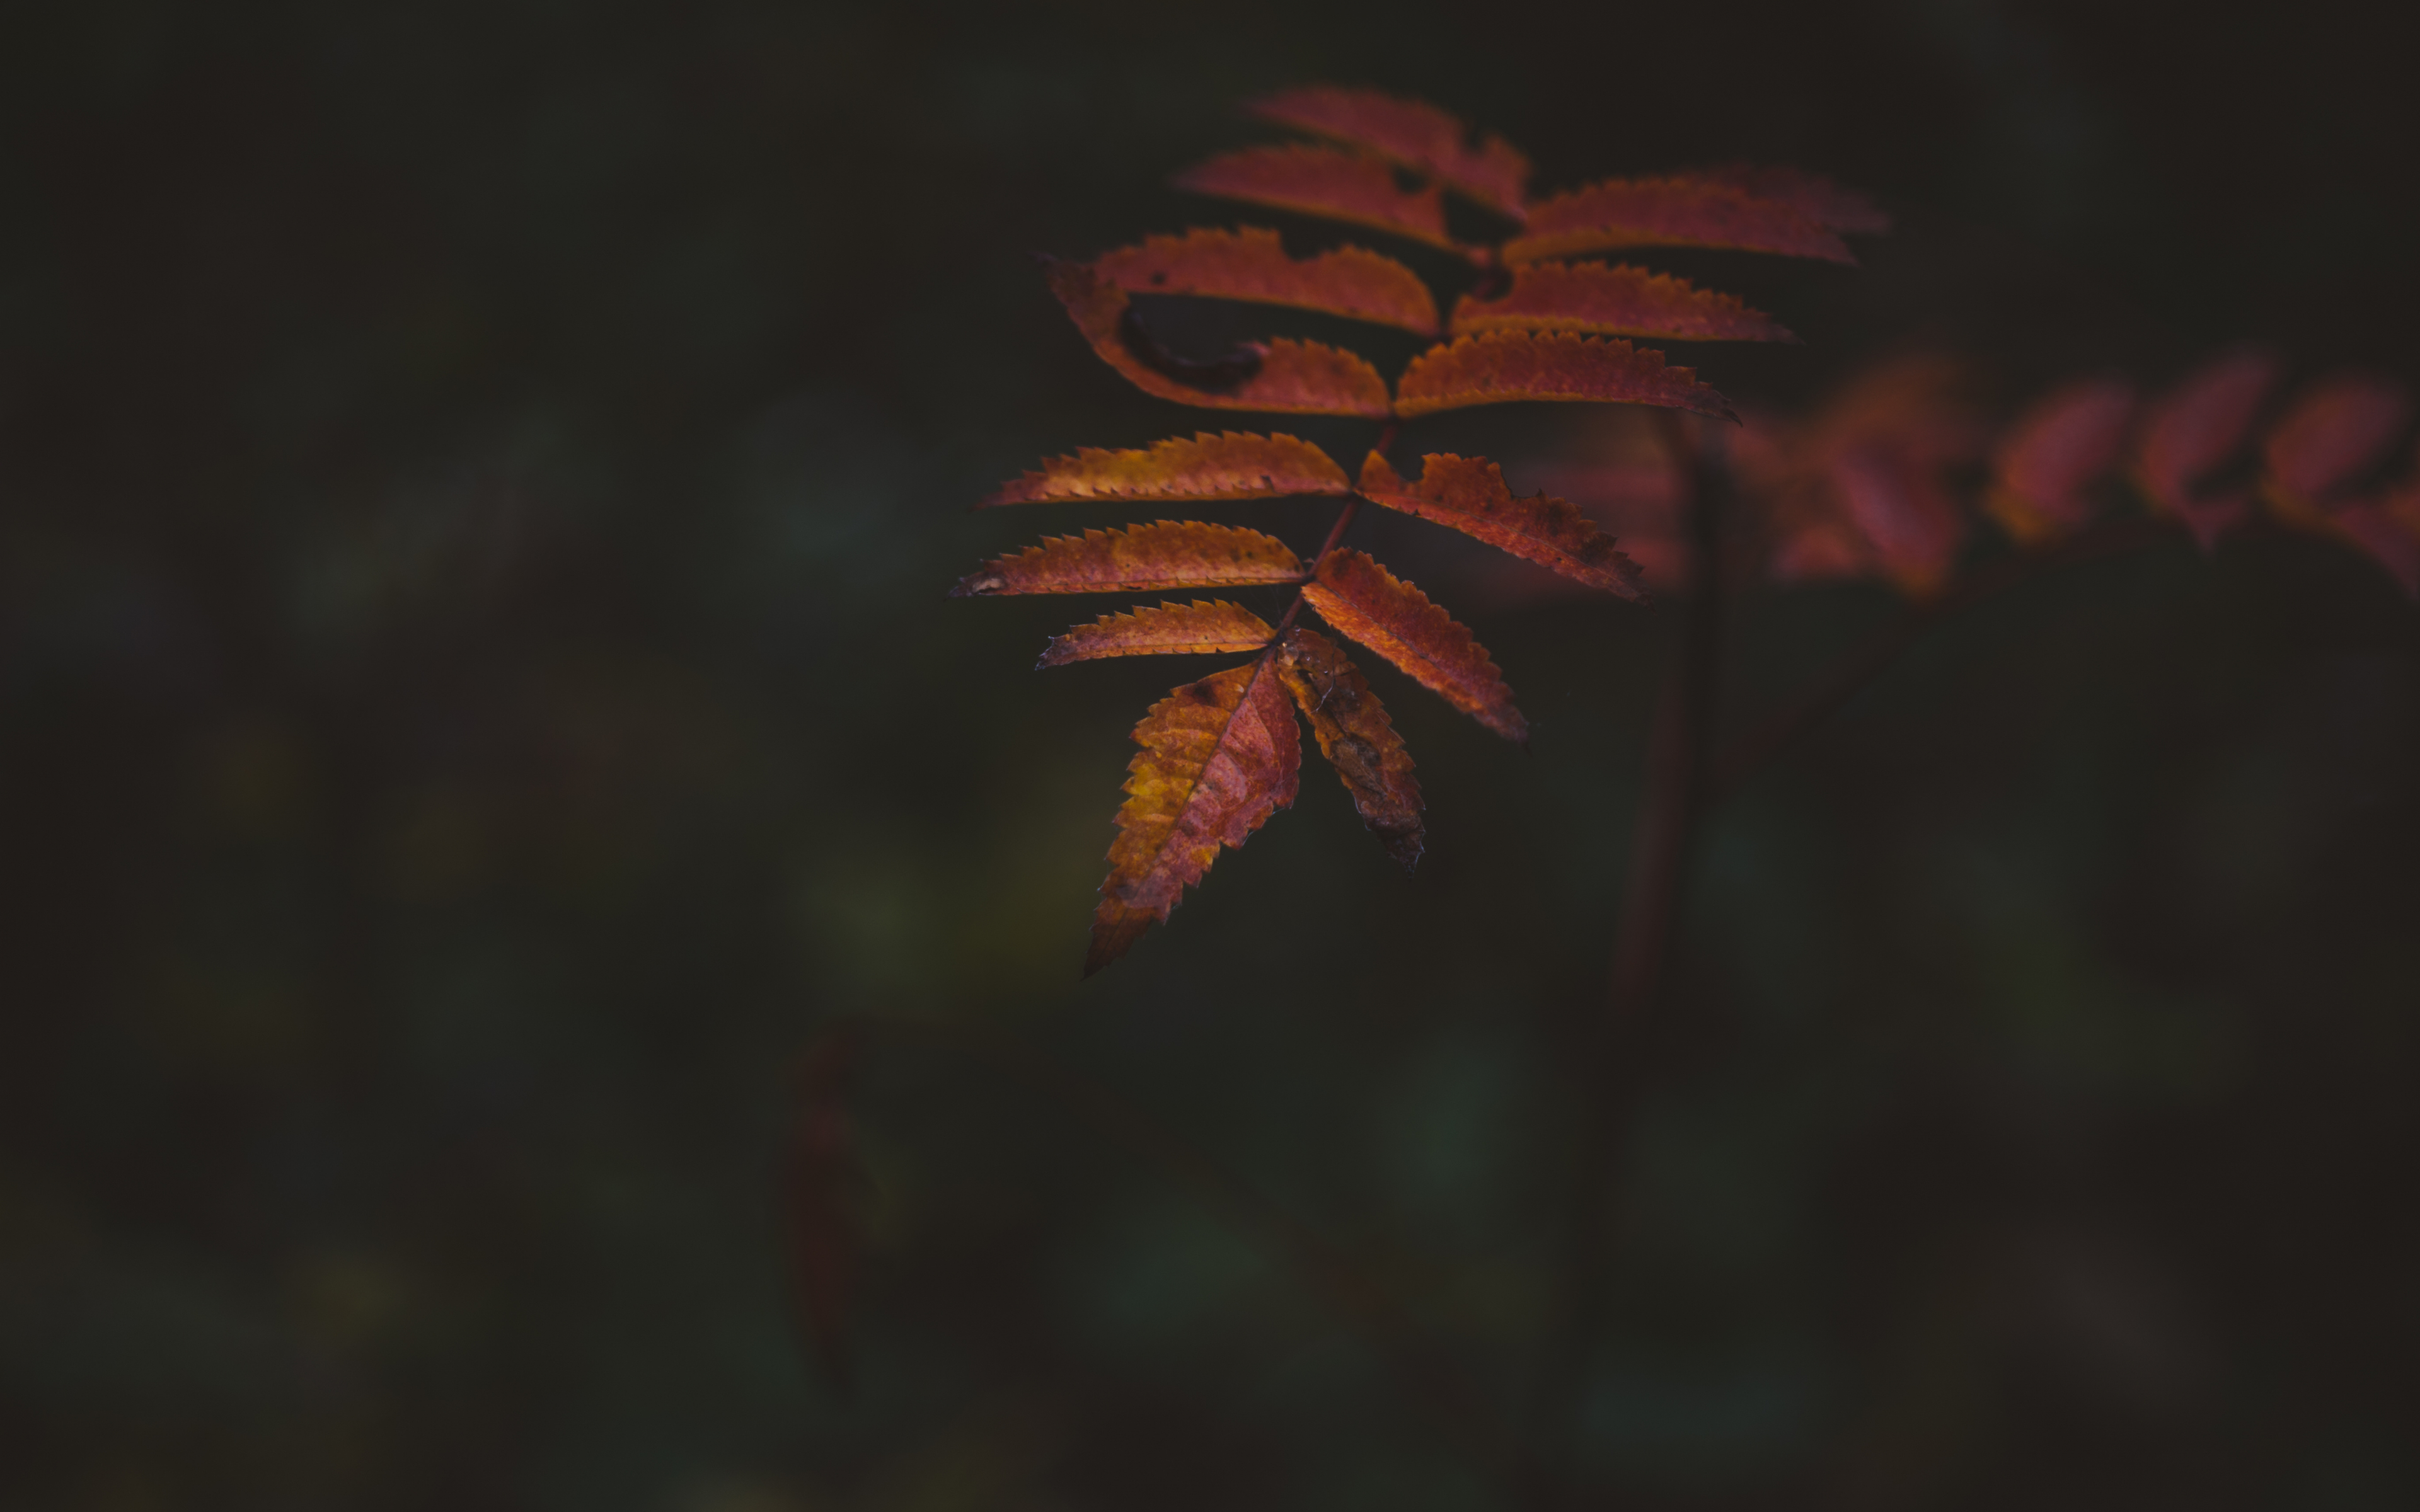 Autumn, portrait, leaf, 3840x2400 wallpaper